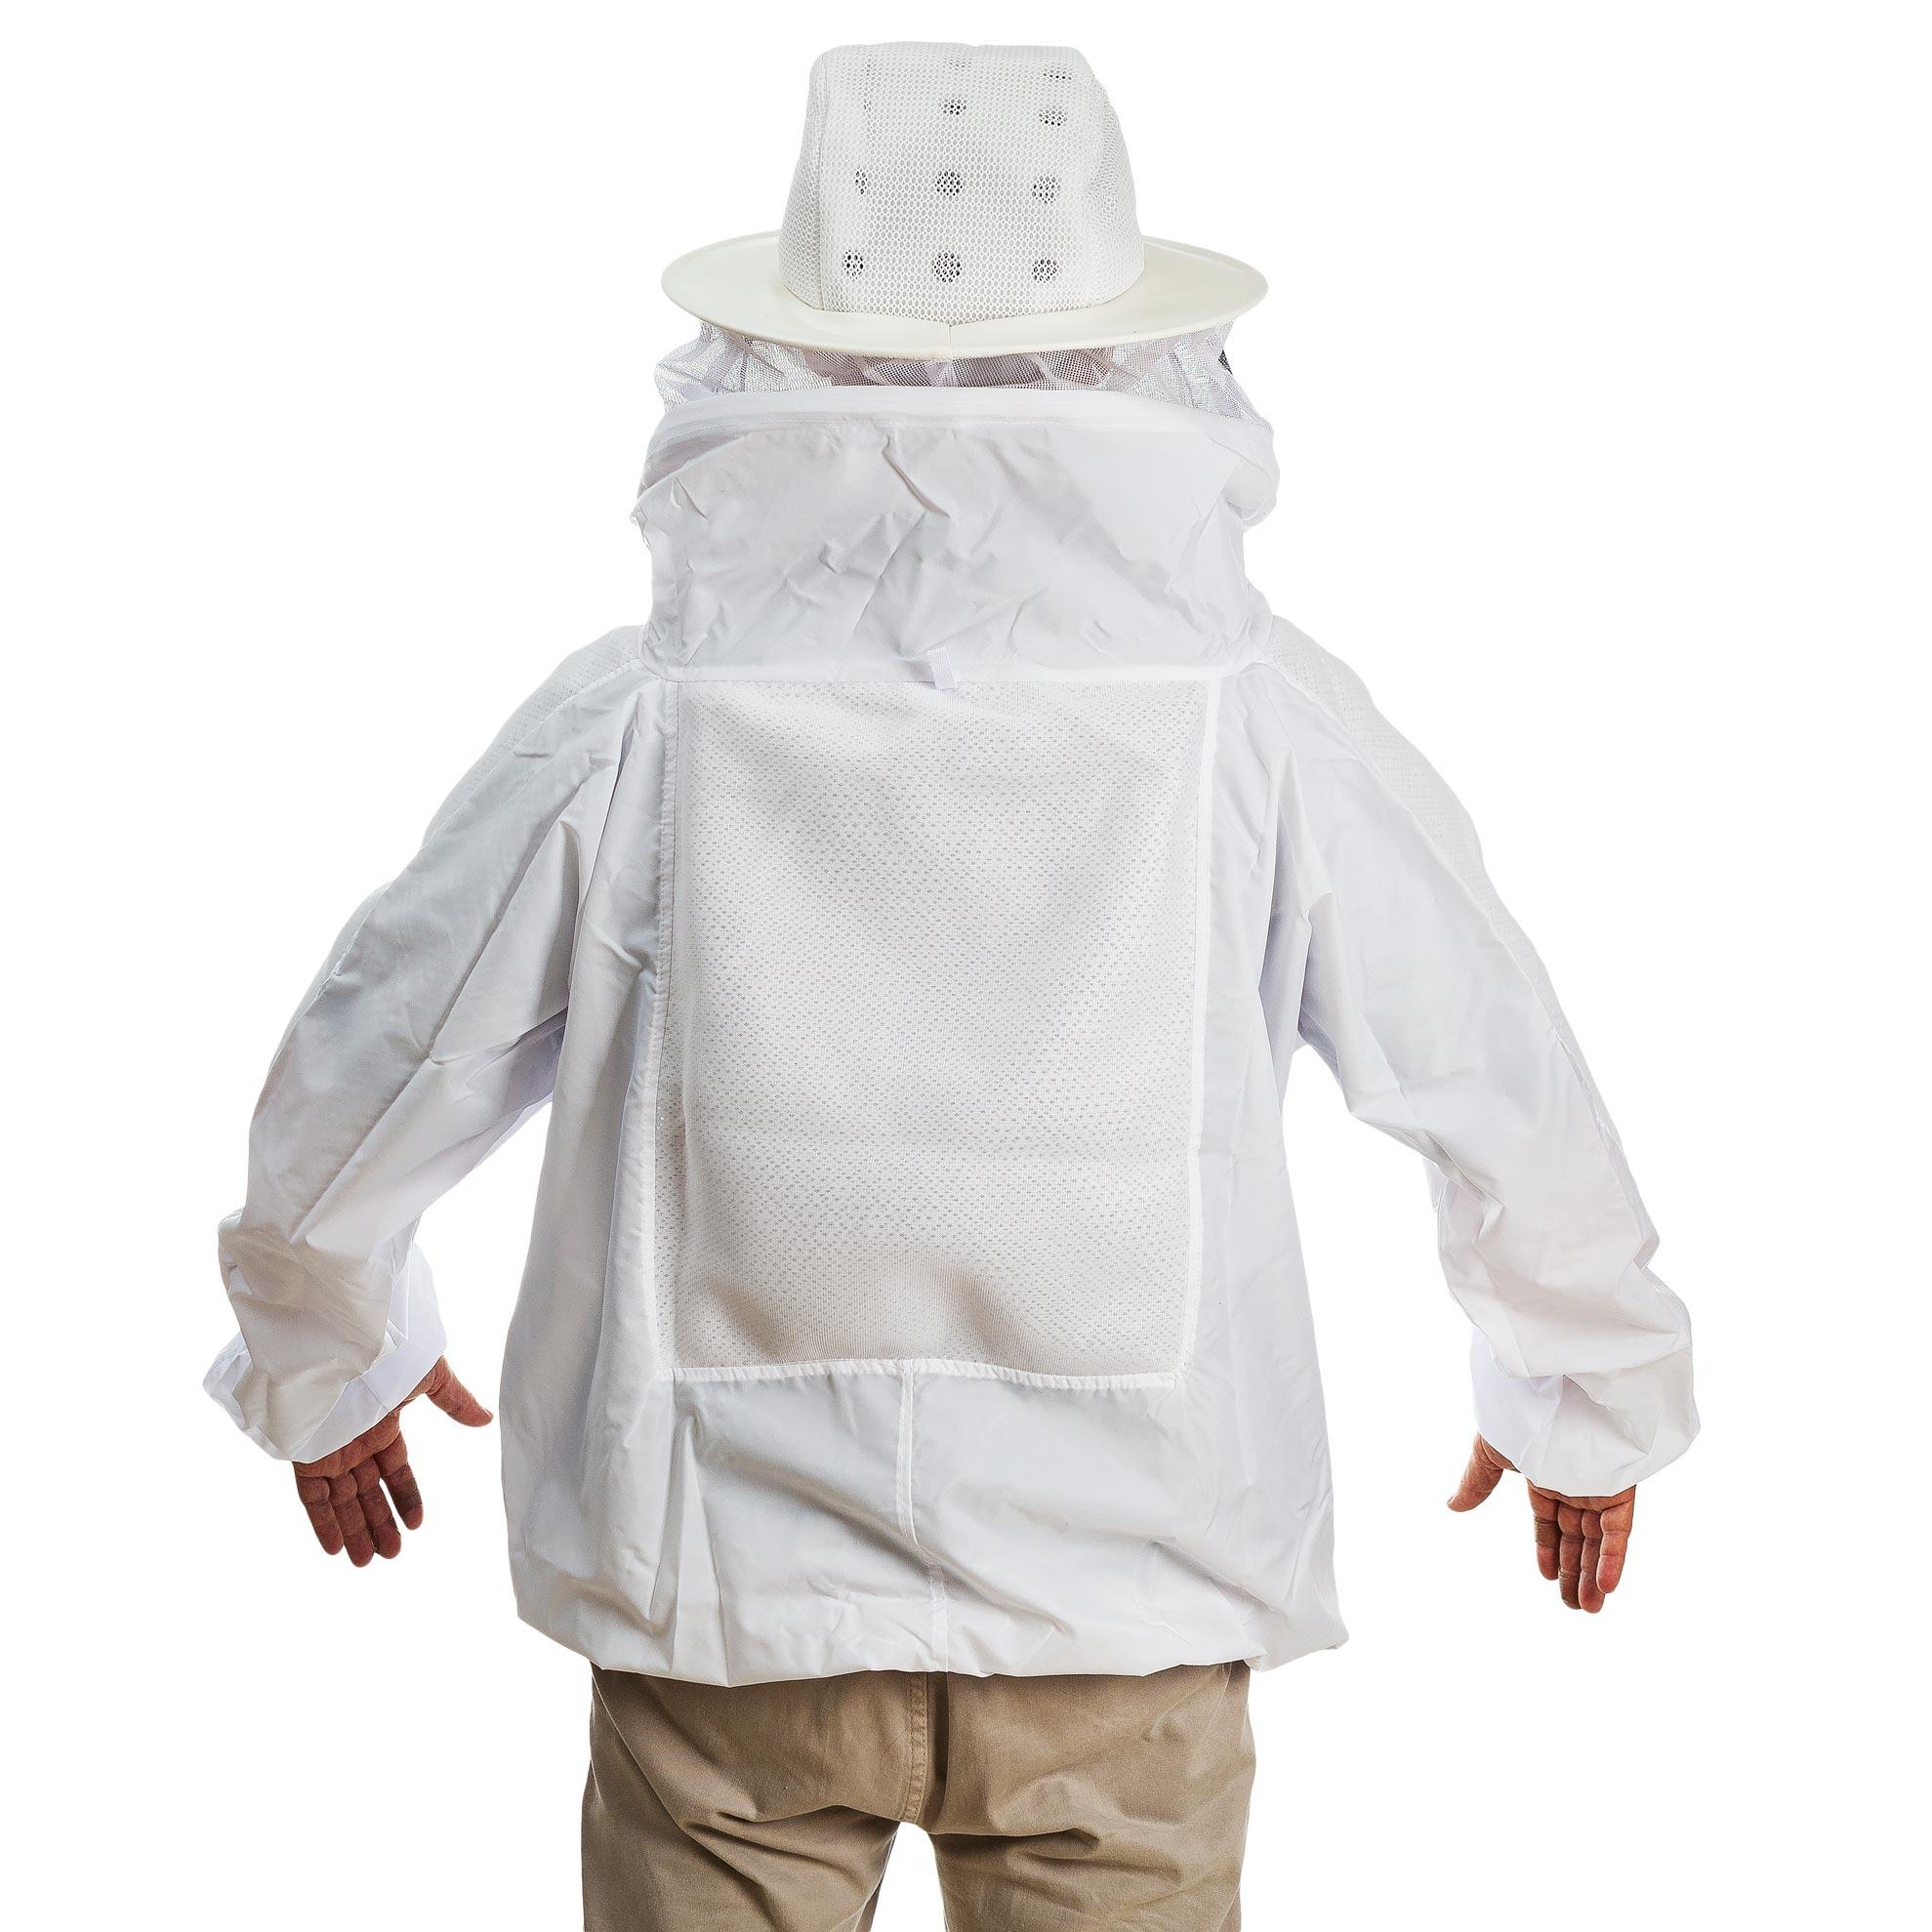 Jaleco para apicultura em Nylon com ventilação e máscara destacável de tela preta